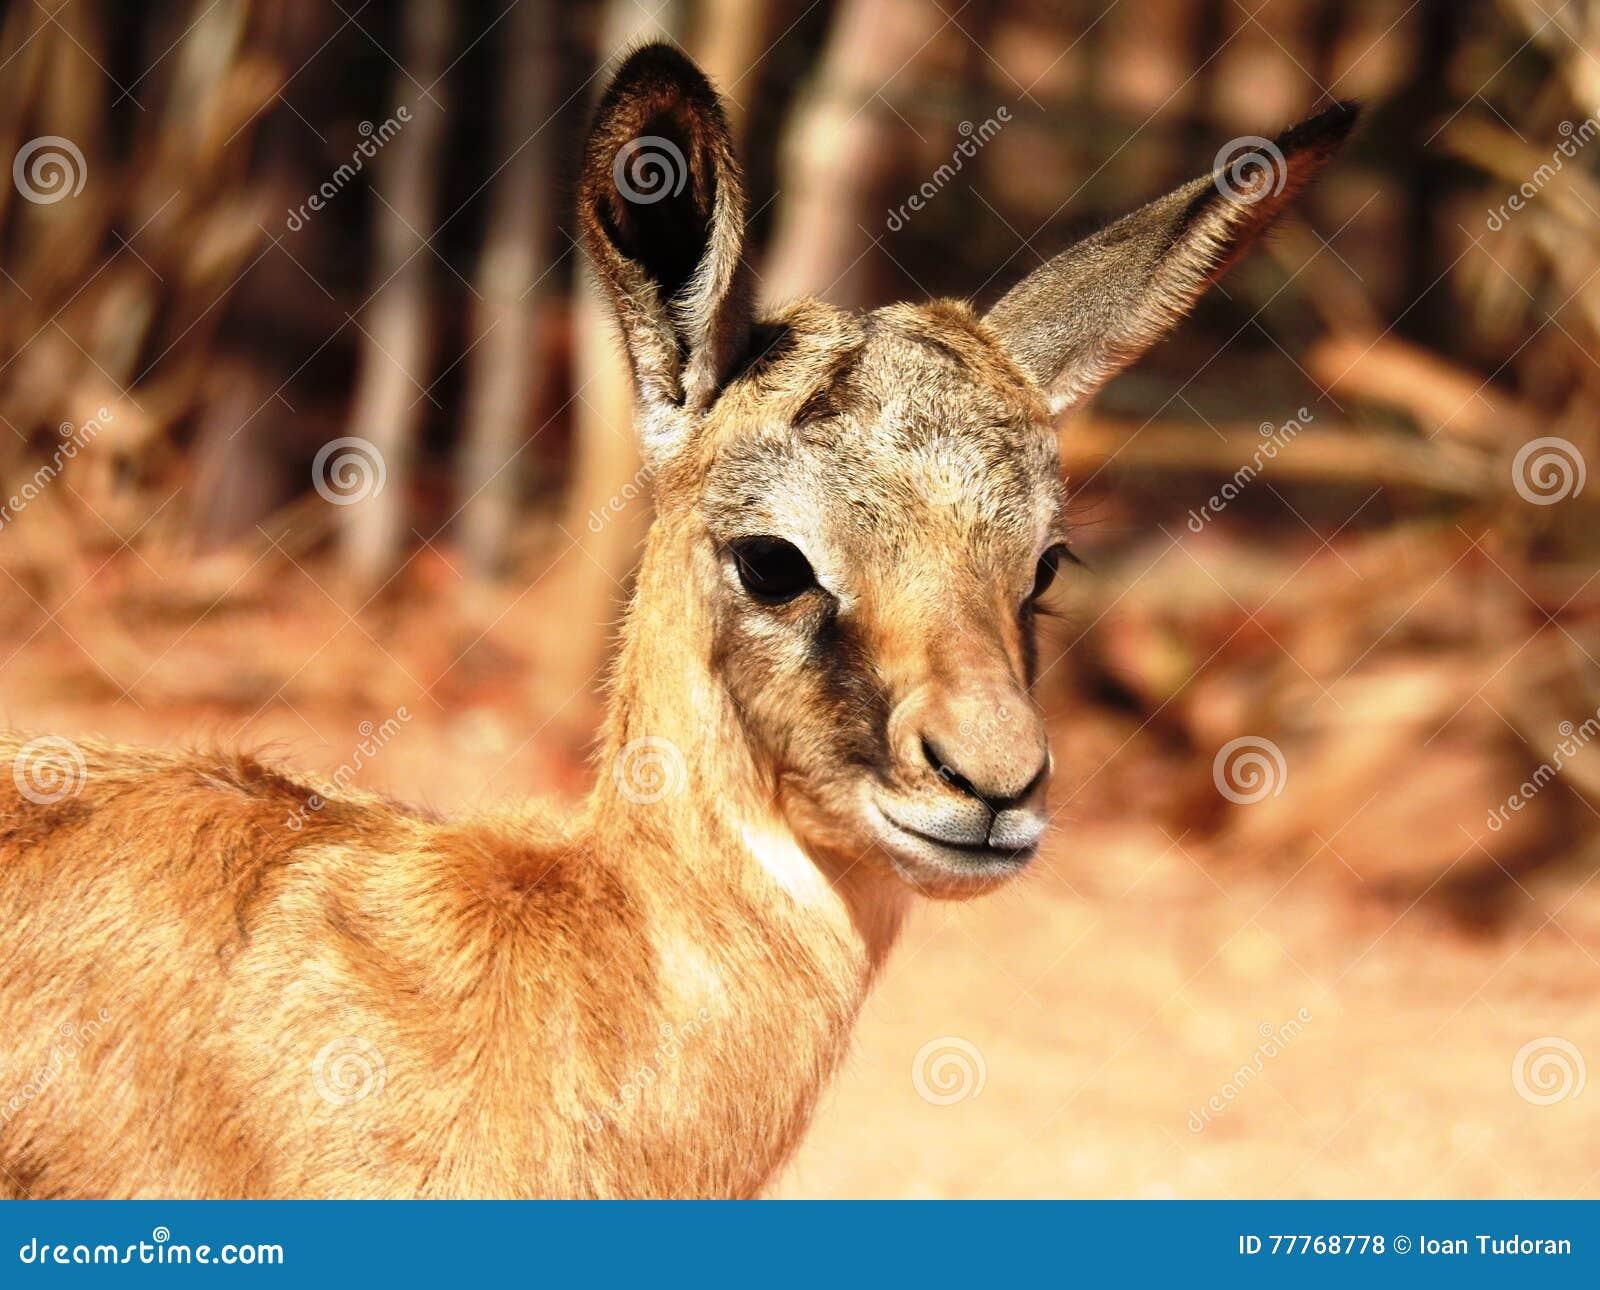 Springbok Baby